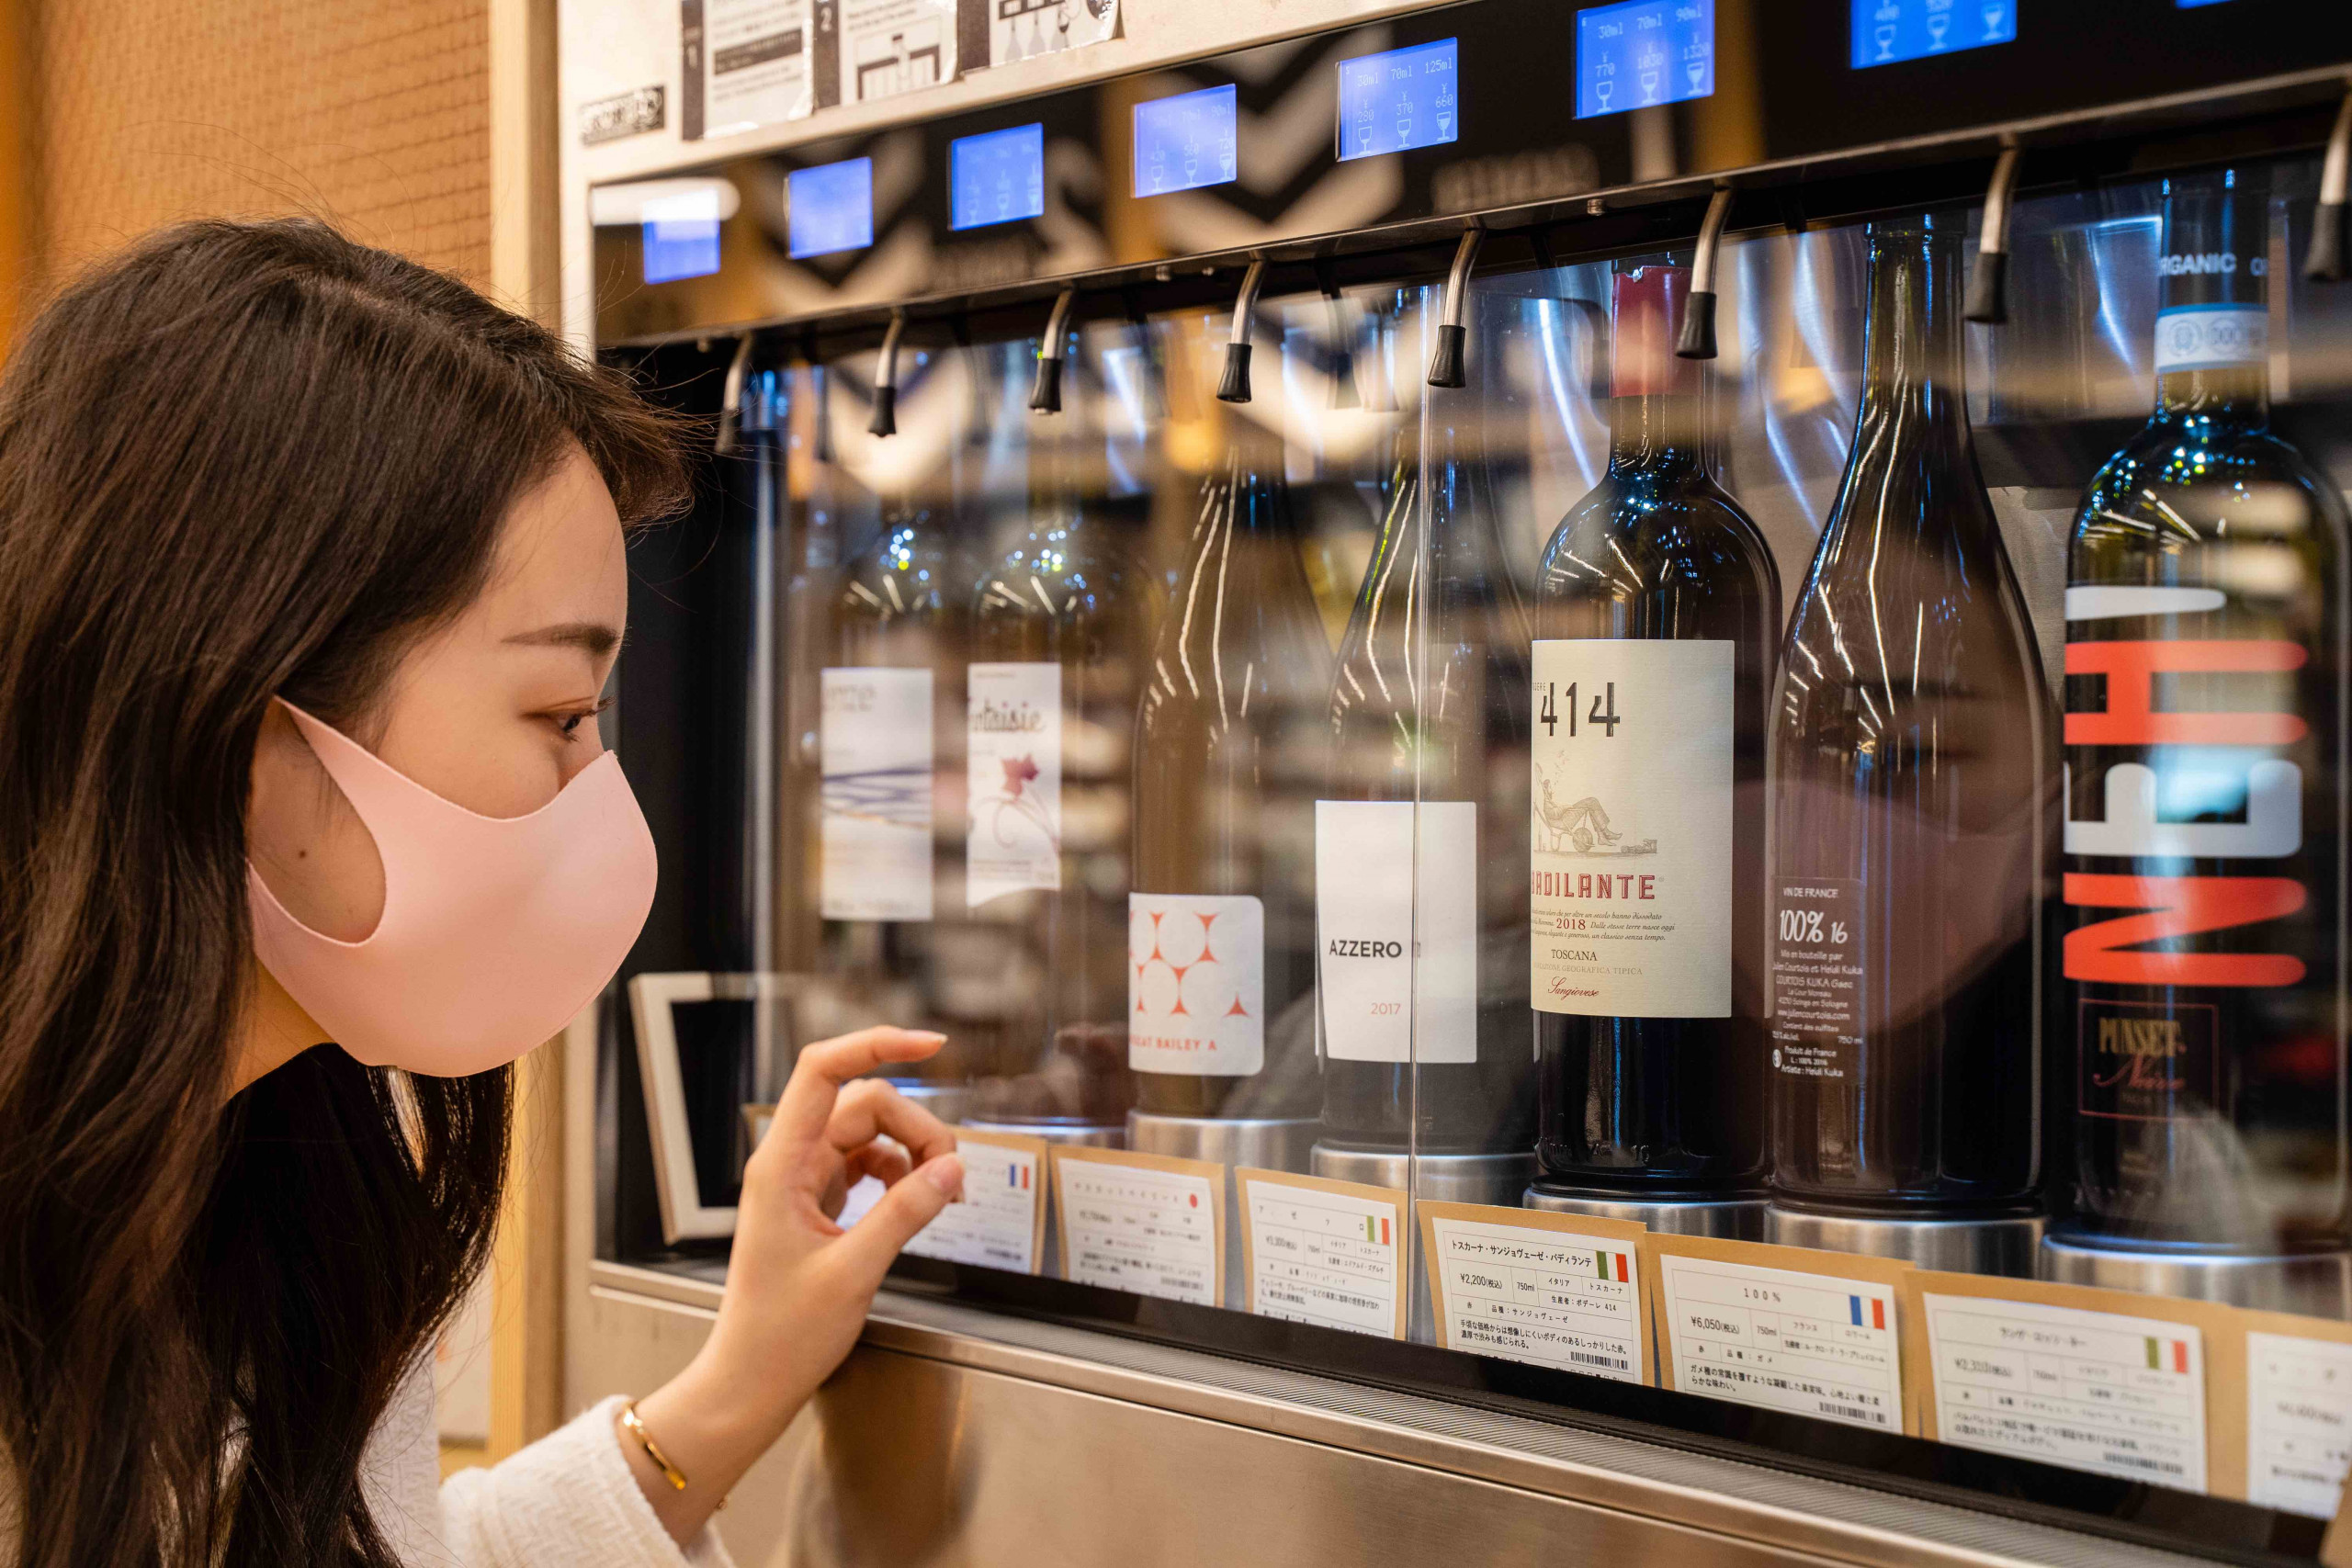 テイスティングは専用のプリペードカードをレジで購入し、チャージをしたら機械へ挿し込むだけ。ワインは30〜150mlまで飲む量を選べるのでワイン好きには嬉しい